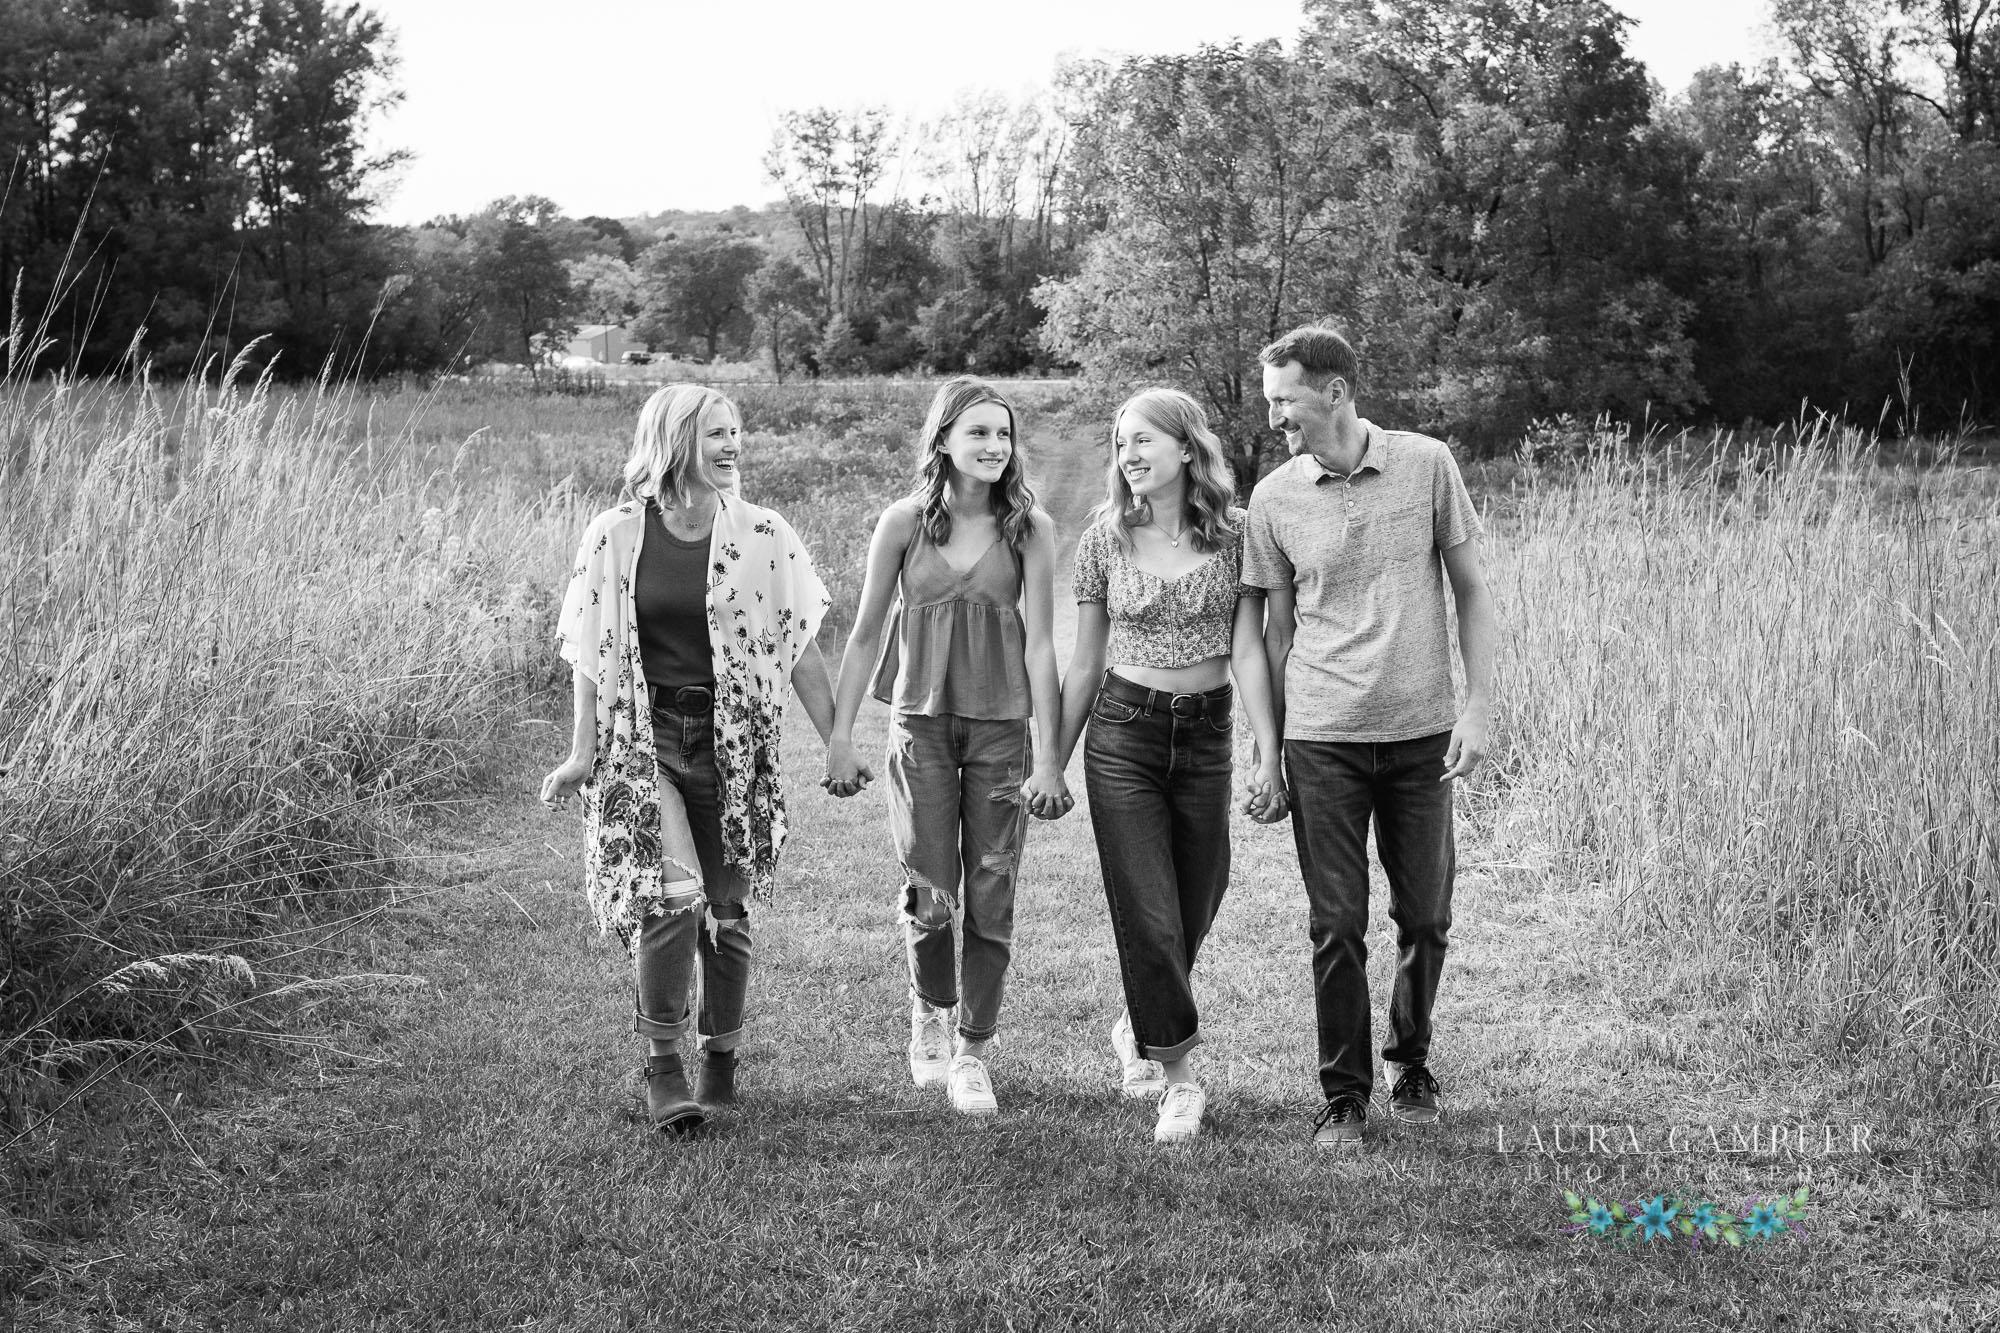 family photos geneva st. charles batavia il